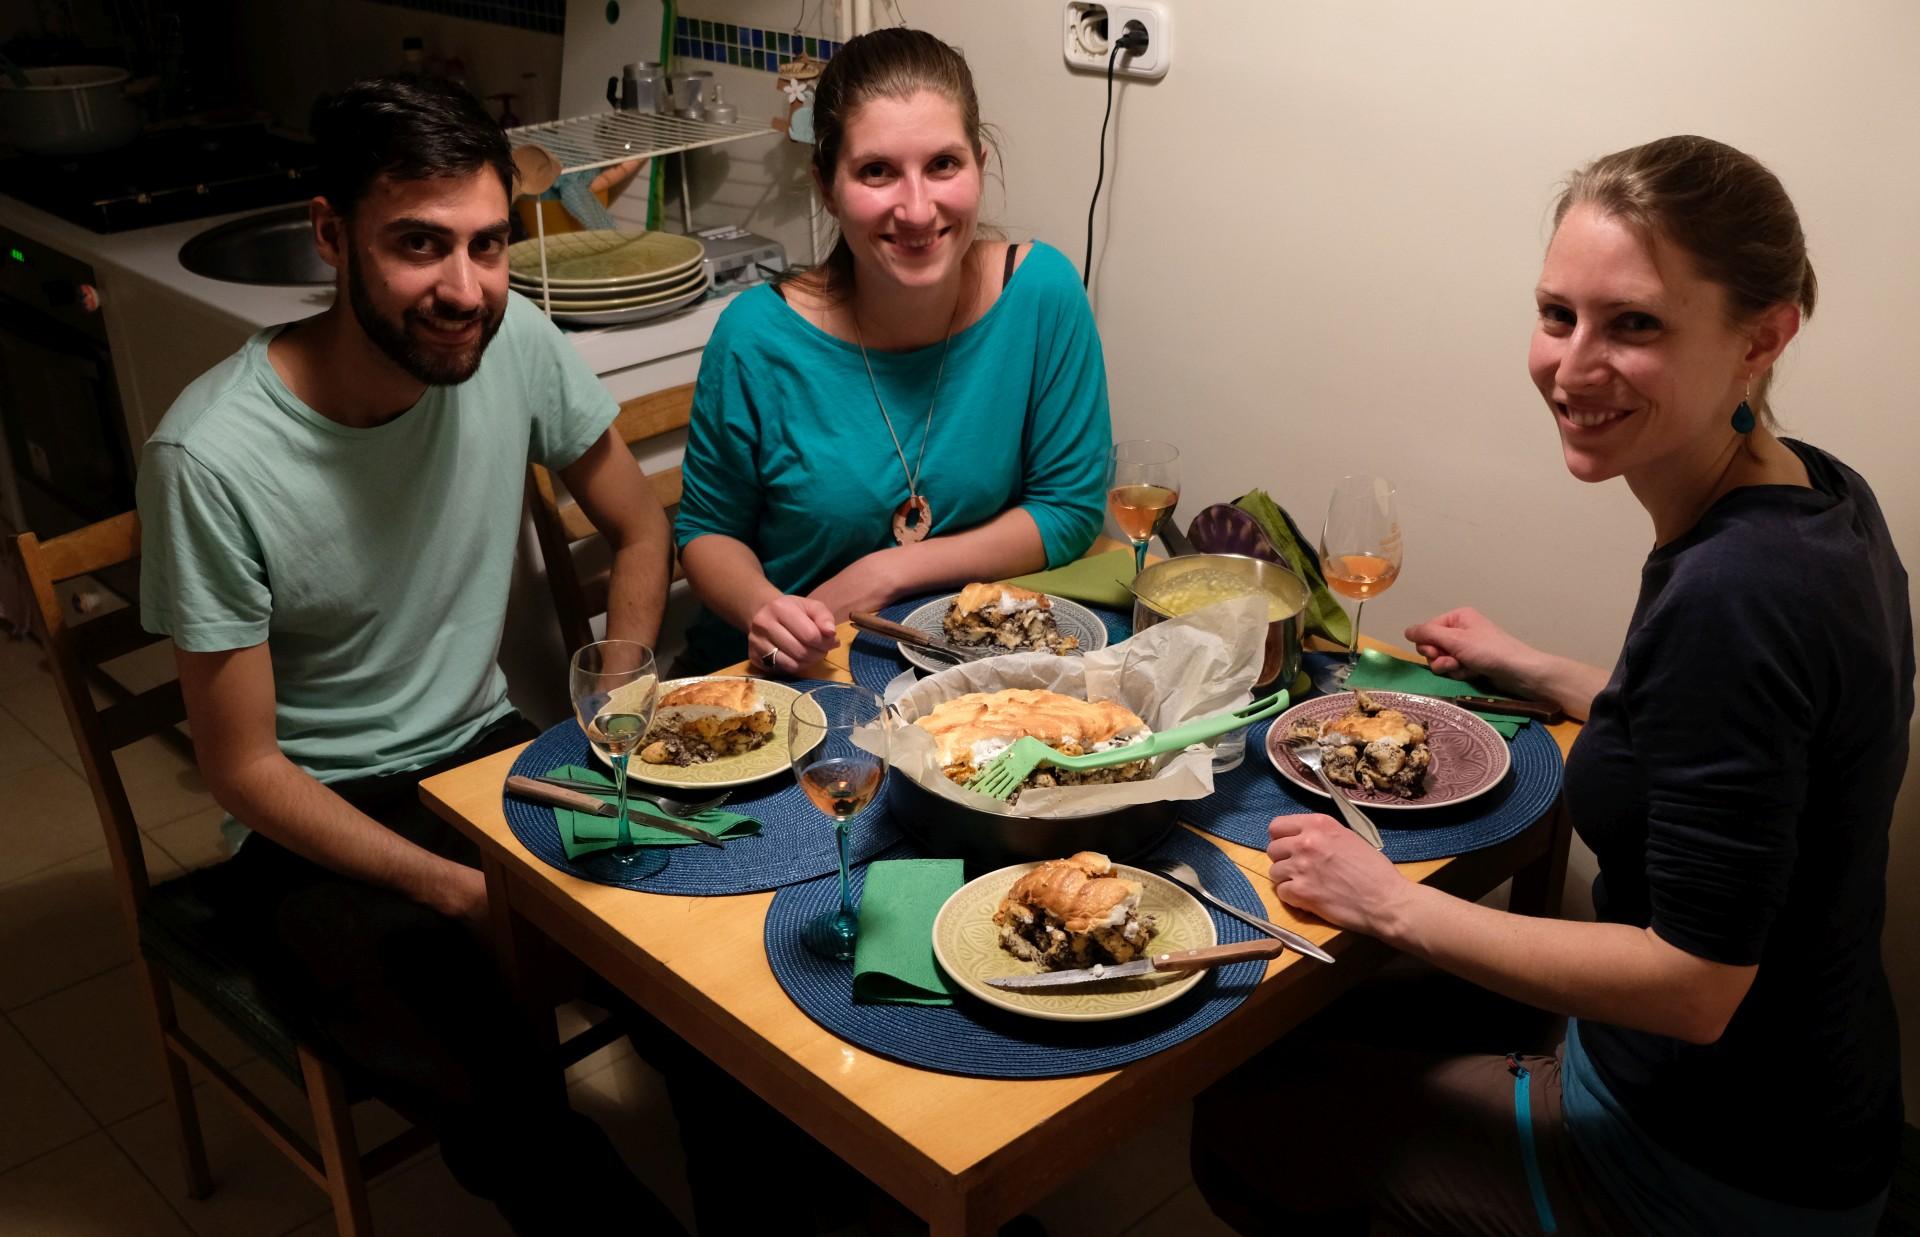 Lali, Dorka und Leo sitzen an einem gedeckten Tisch